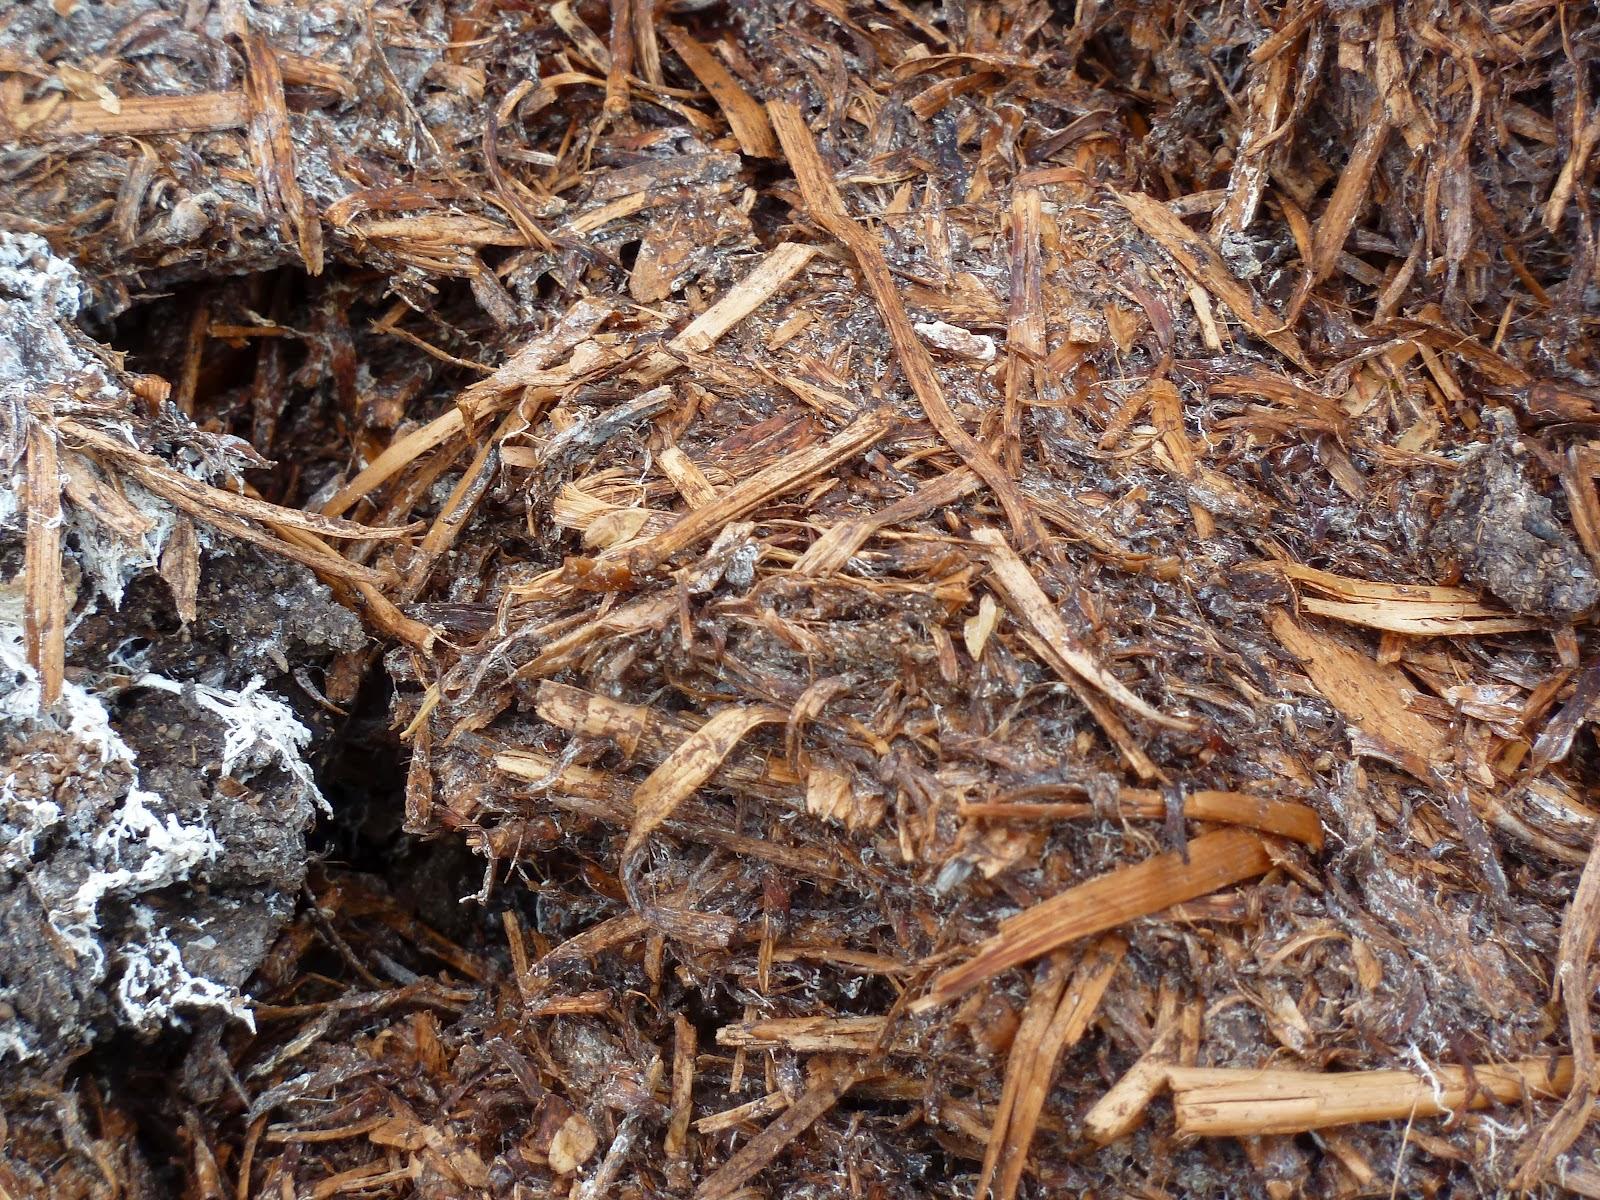 How to grow mushrooms the garden of eaden for Mushroom soil